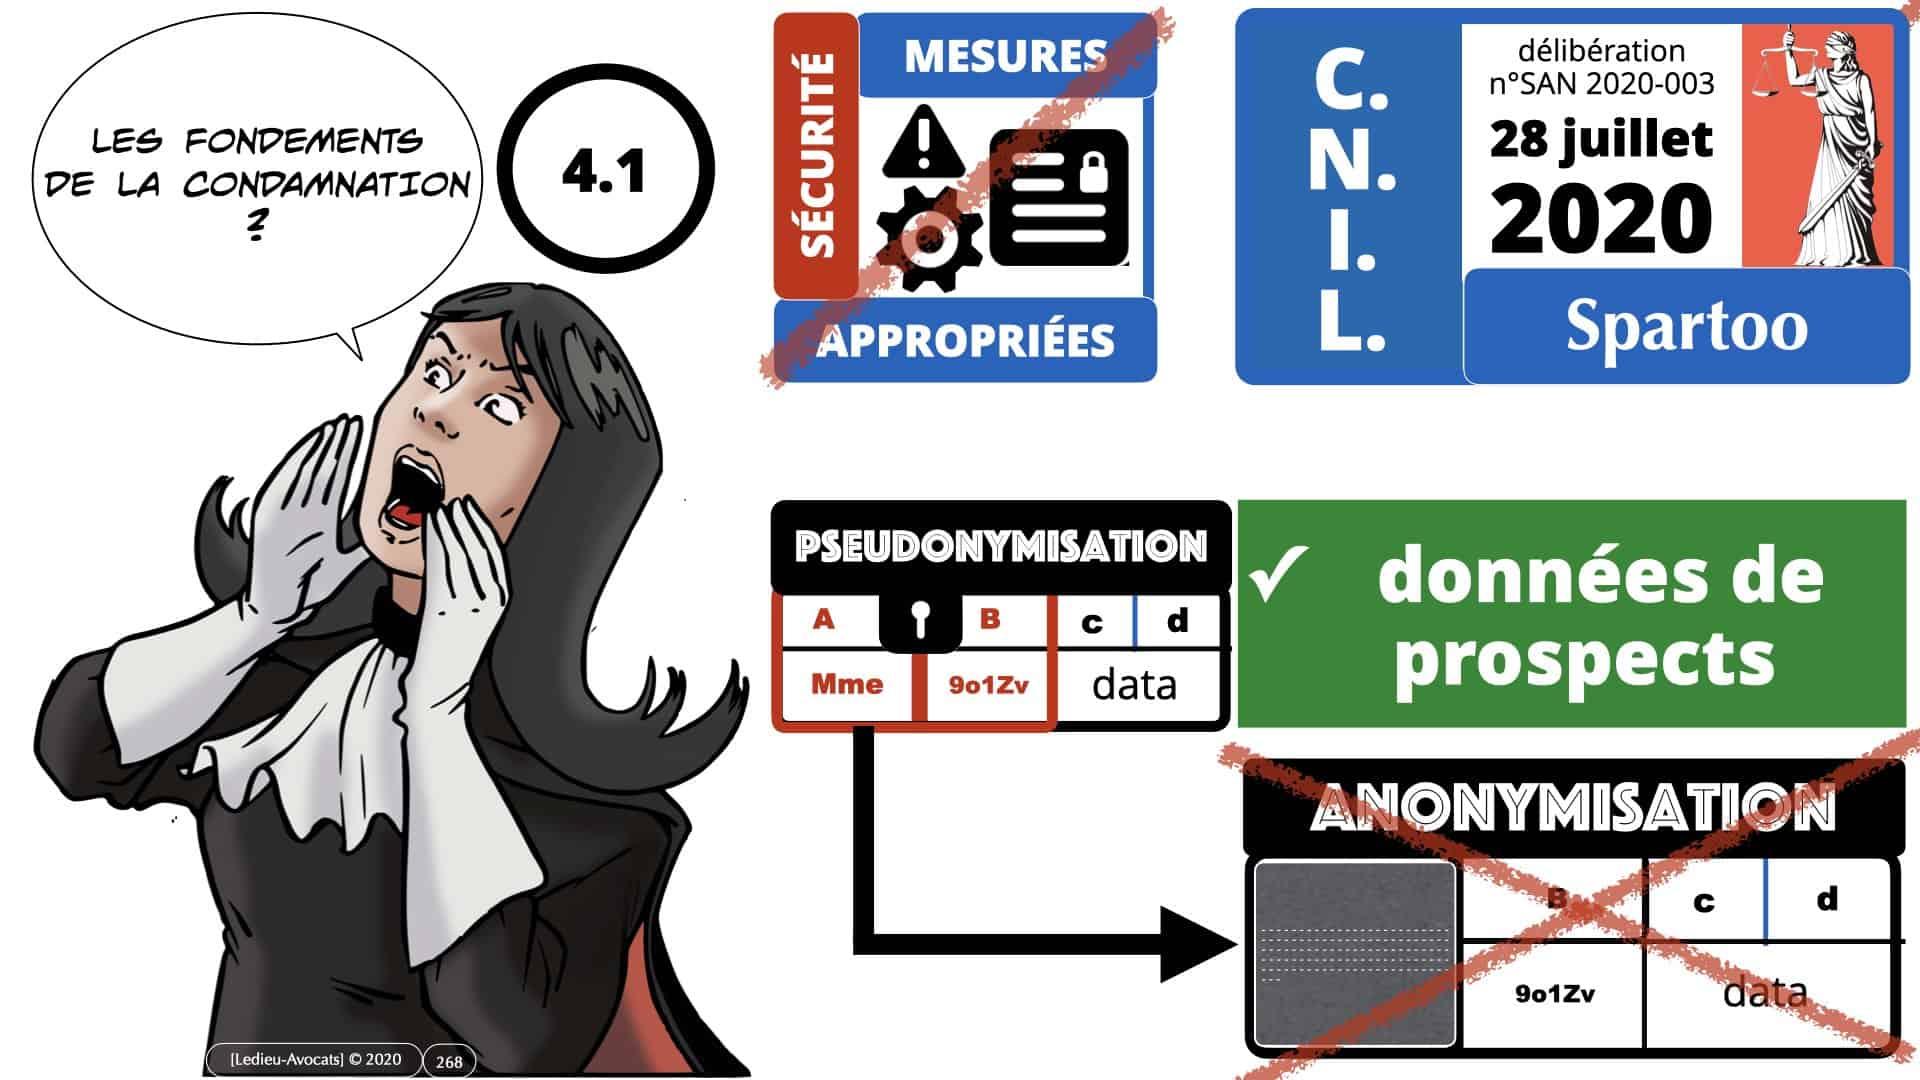 RGPD e-Privacy données personnelles jurisprudence formation Lamy Les Echos 10-02-2021 ©Ledieu-Avocats.268